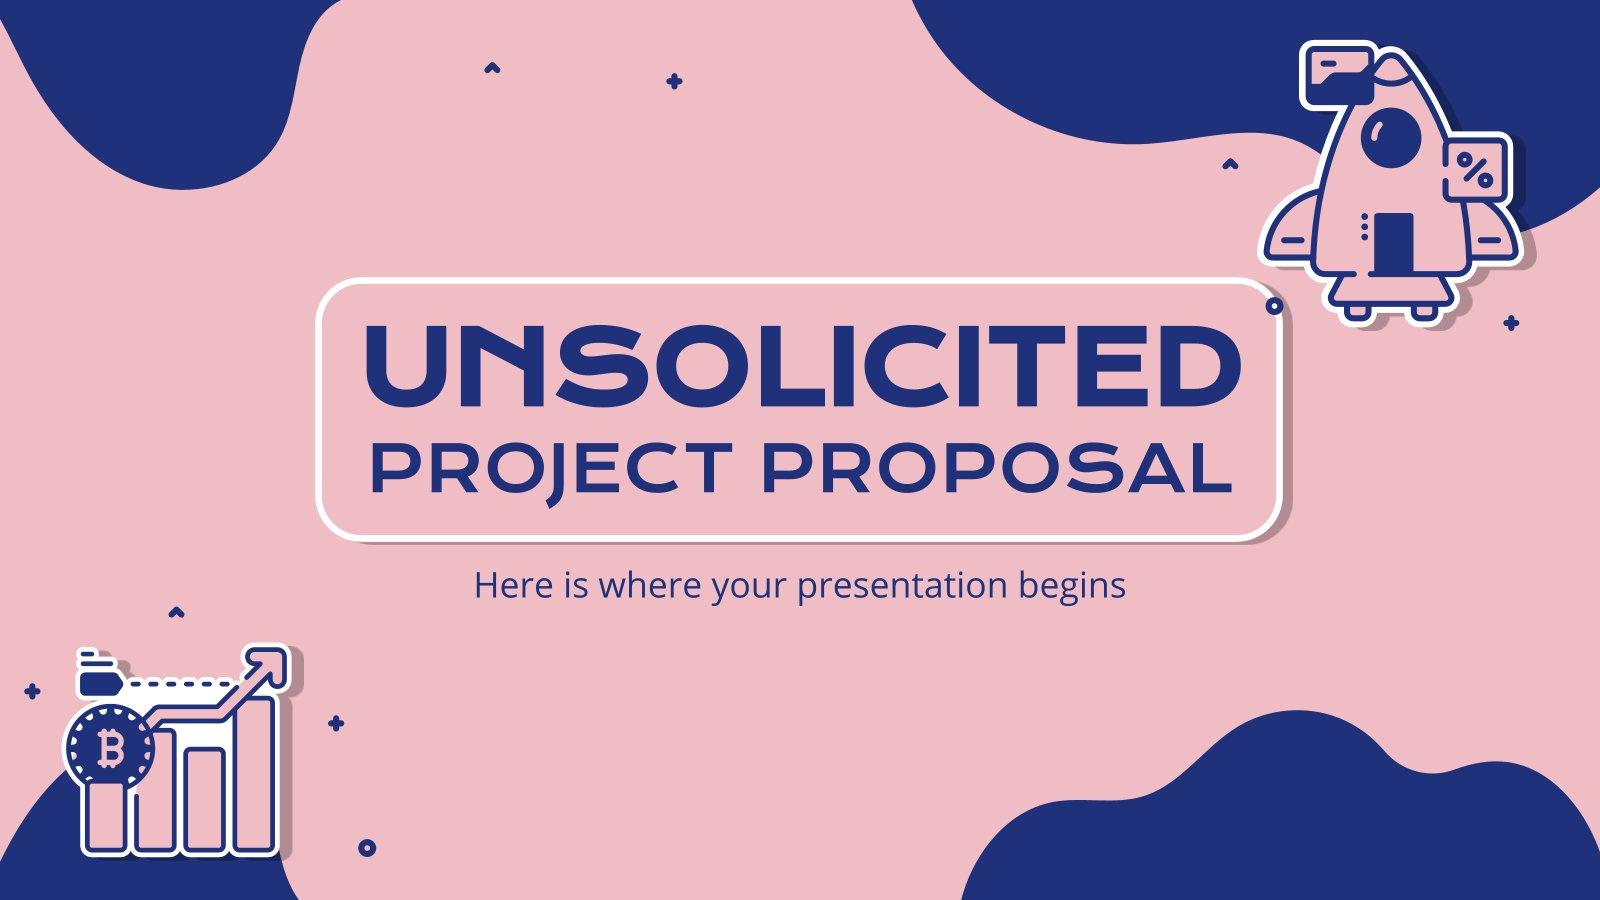 Unaufgeforderter Projektvorschlag Präsentationsvorlage